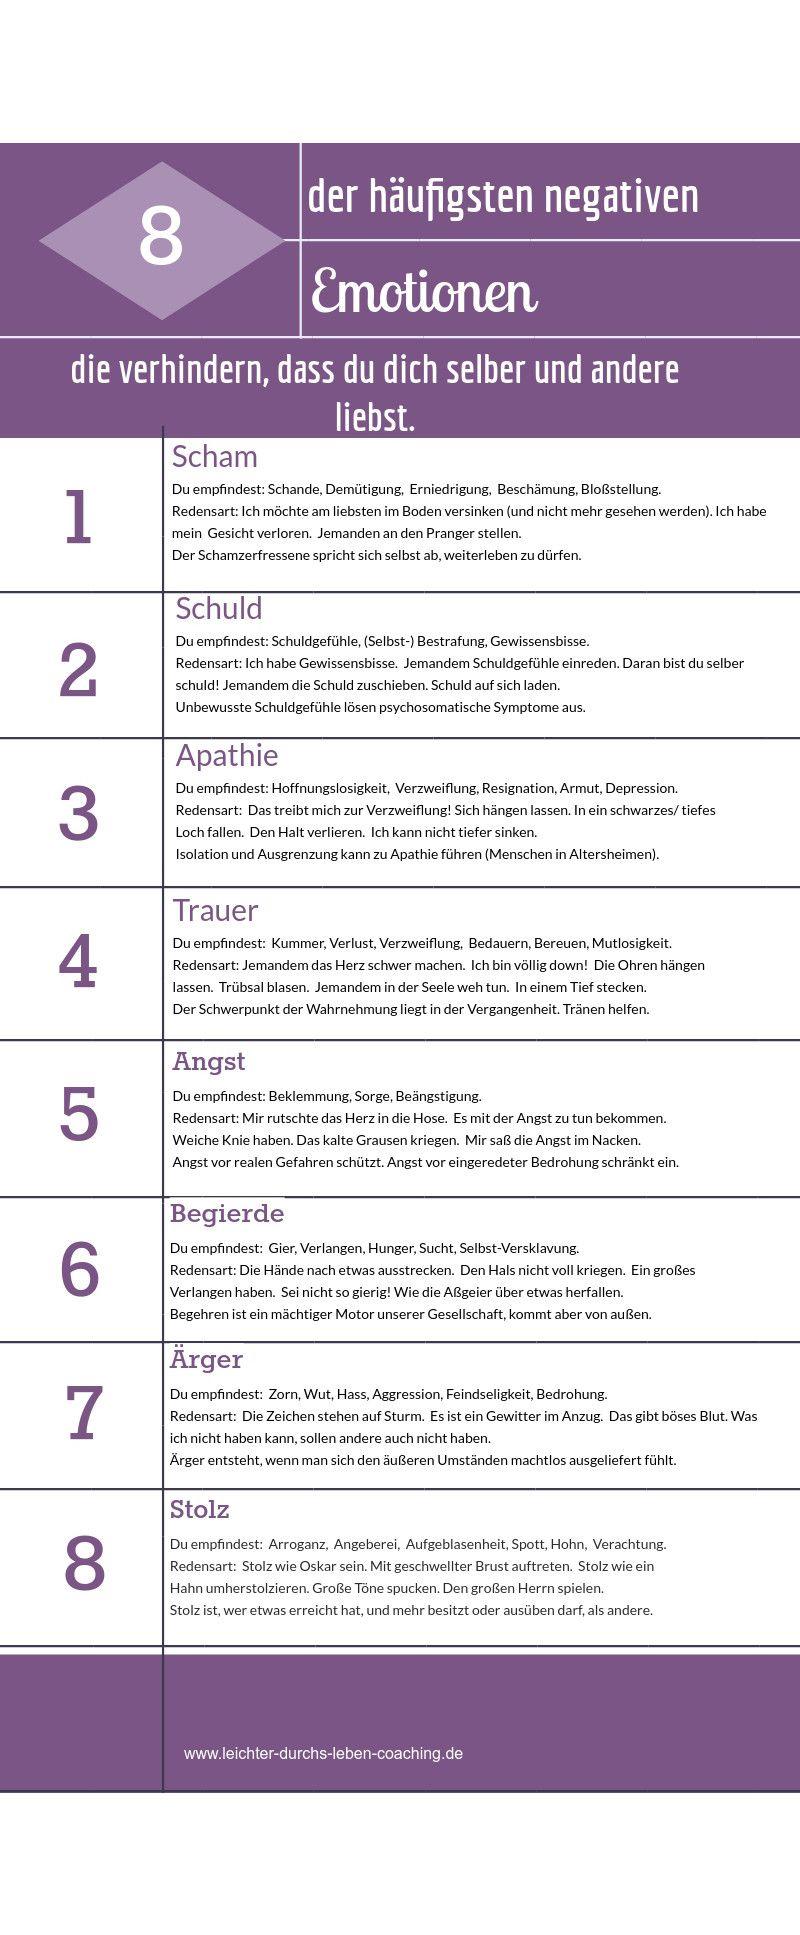 Negative Emotionen: Acht der häufigsten negativen Emotionen, die ...